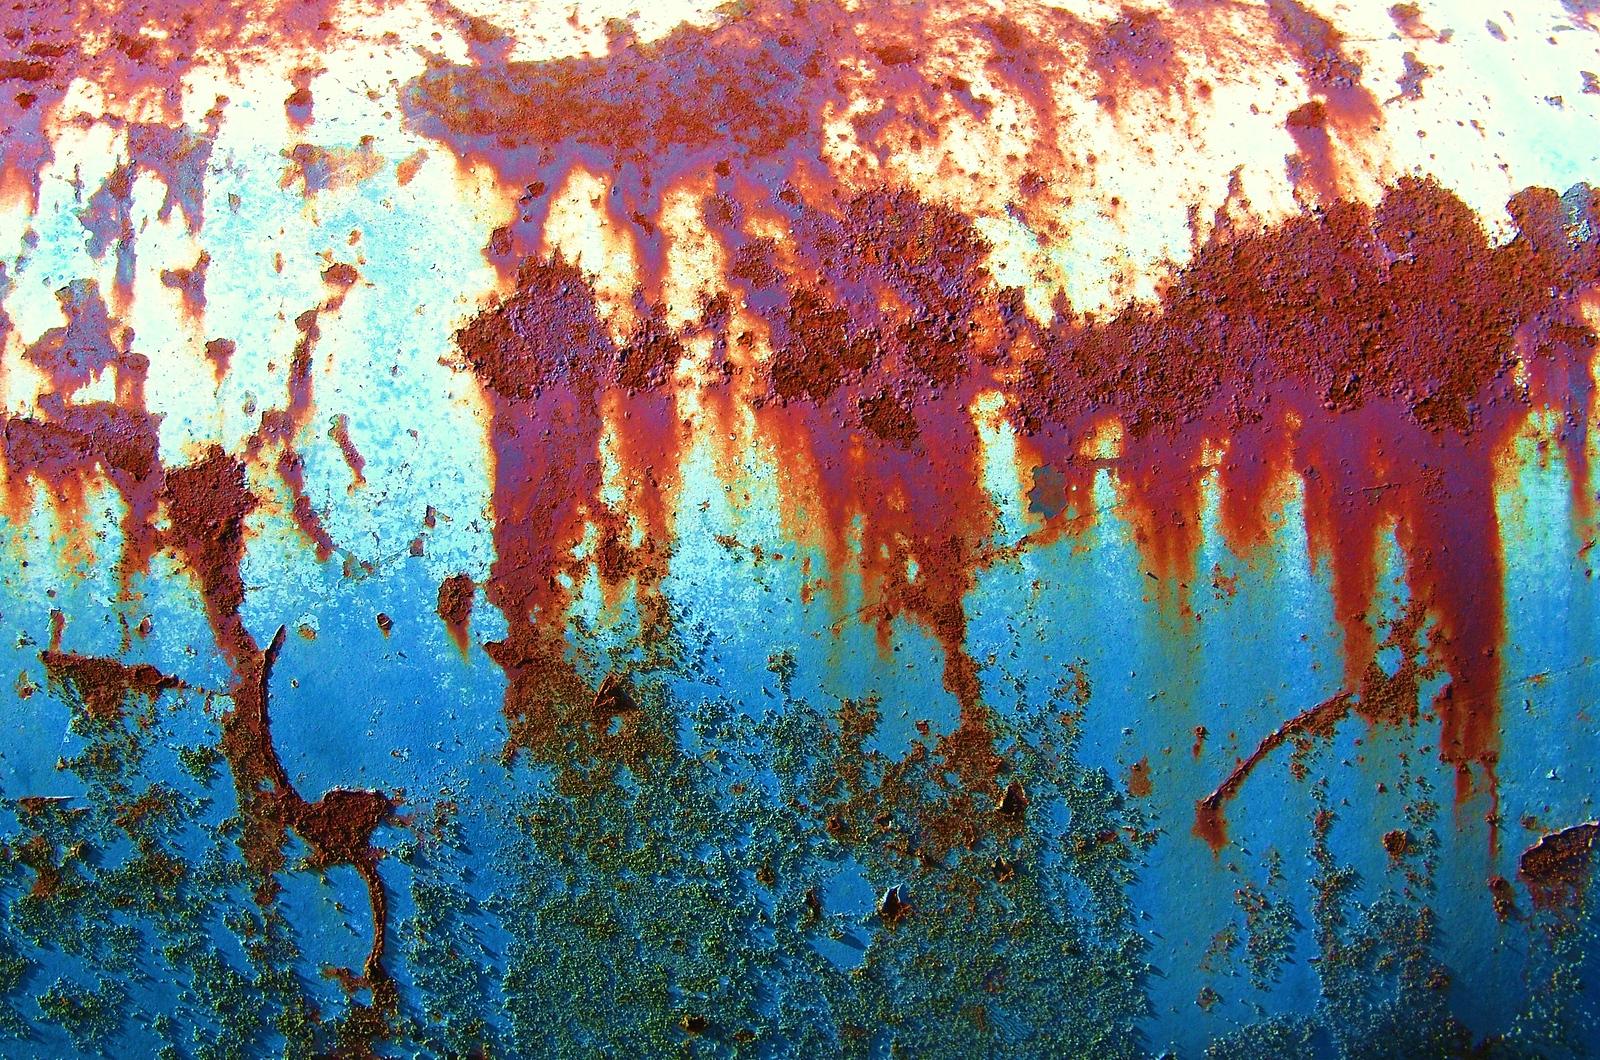 rust%202013%20007-X3.jpg